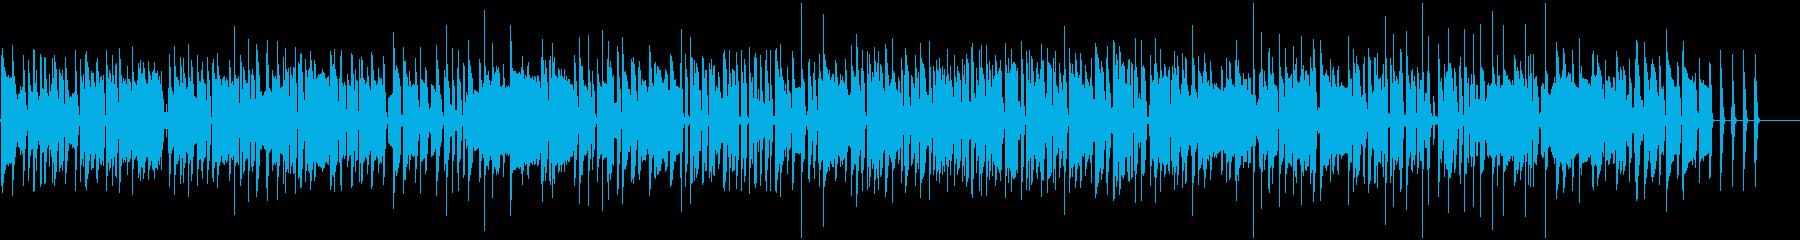 ギターとベースのソウルブルーズ曲の再生済みの波形